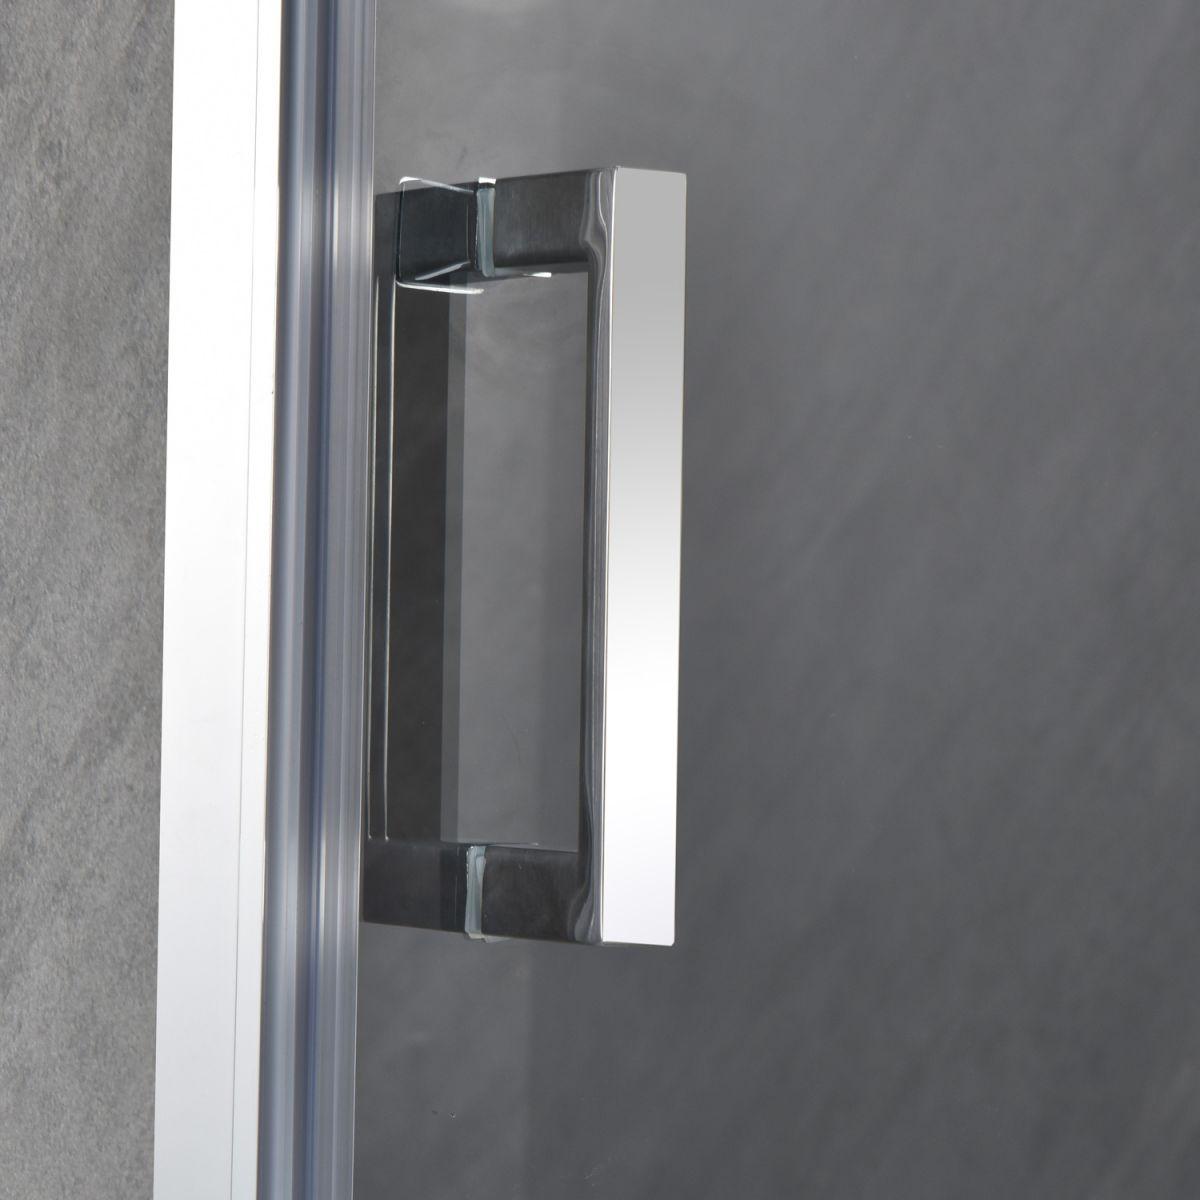 """SC 2117 6 Porta doccia """"Nettuno"""" con anta battente 90 cm cristallo trasparente da 6 mm"""